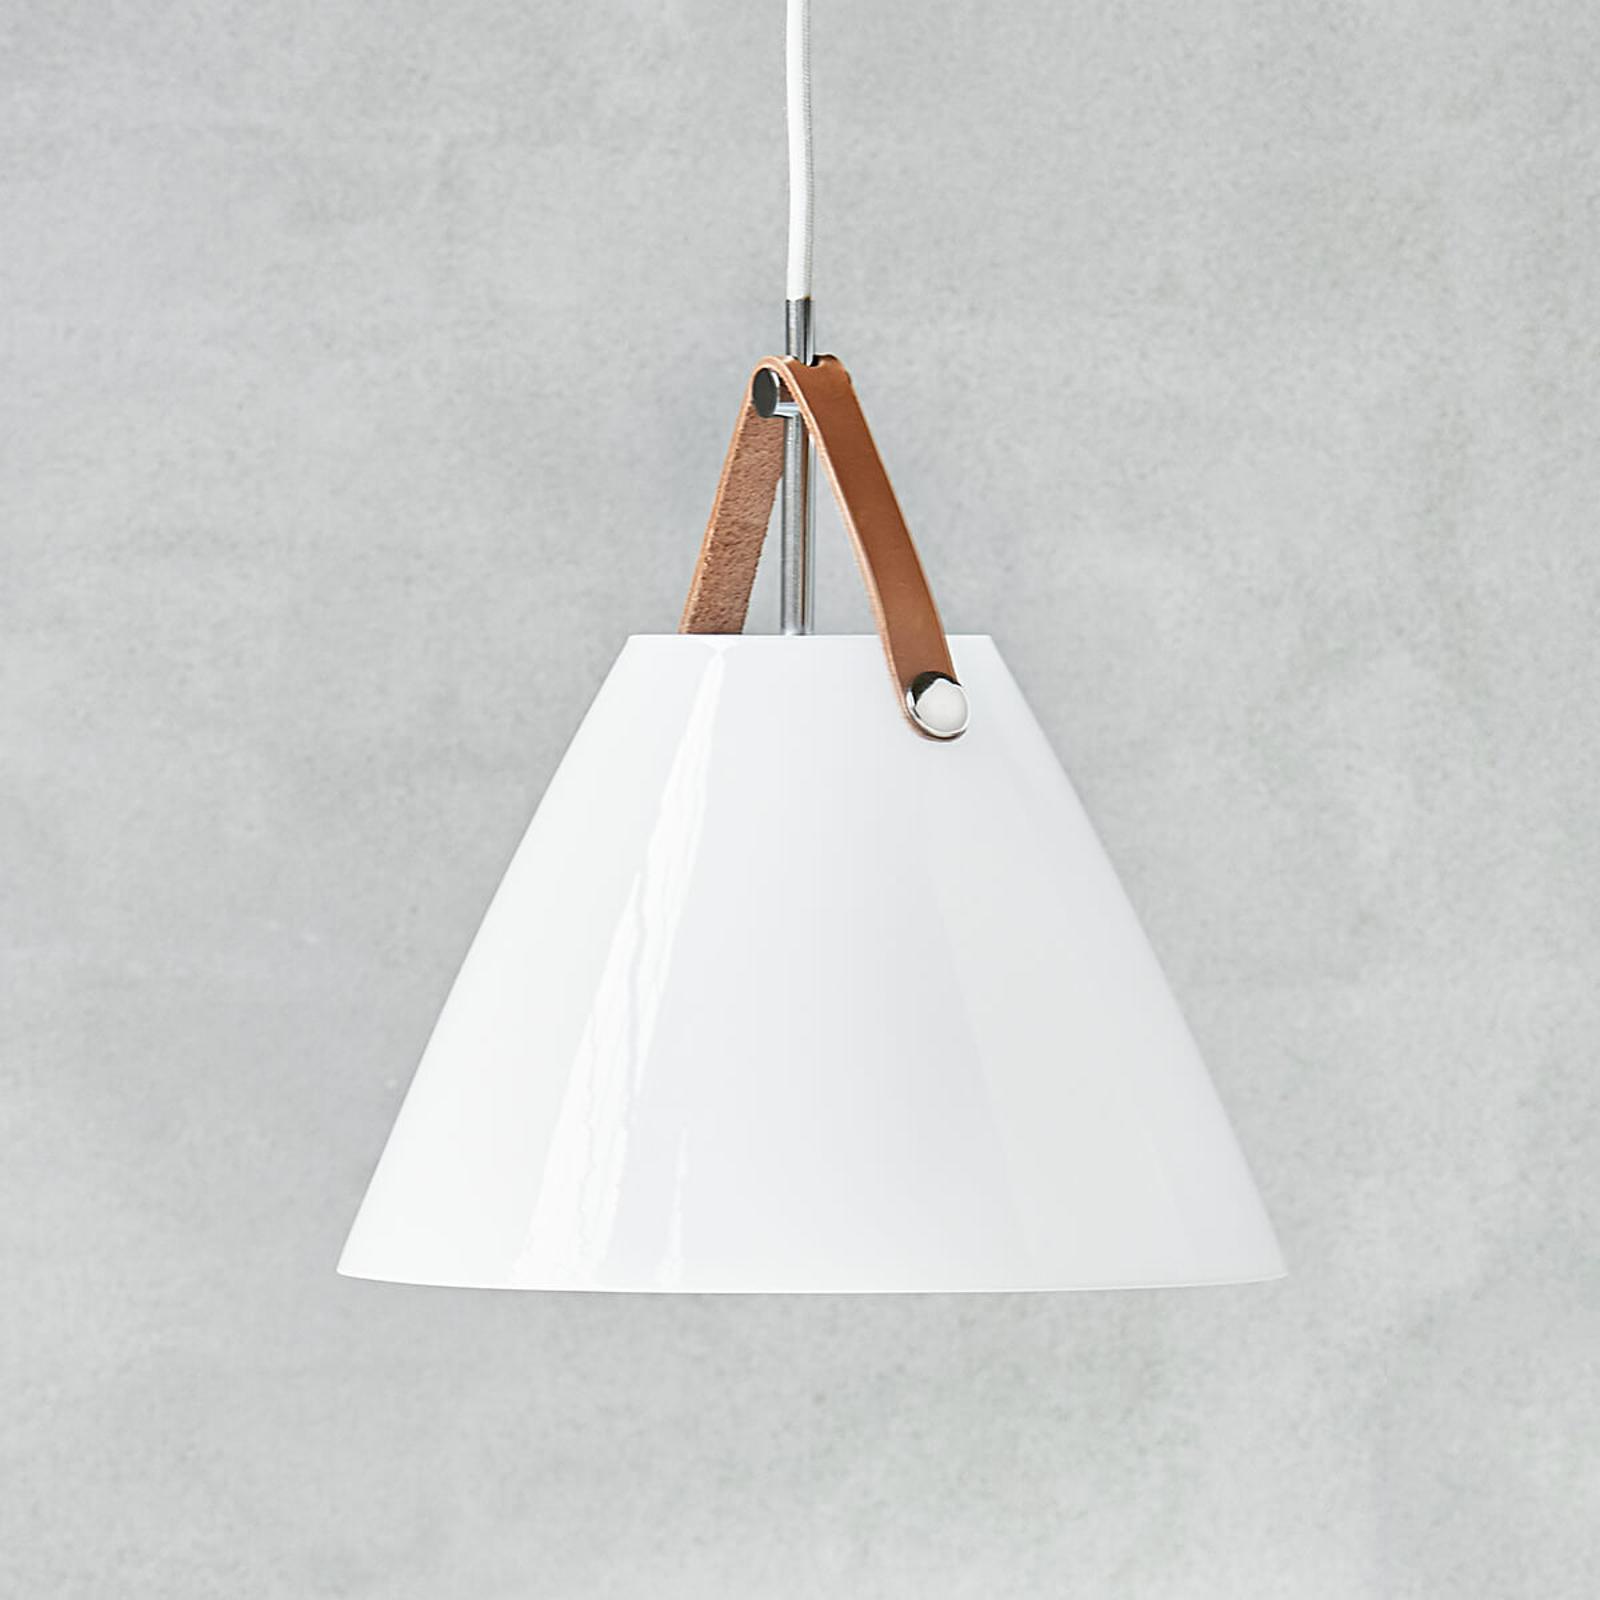 Szklana lampa wisząca LED Strap 27z zawieszeniem